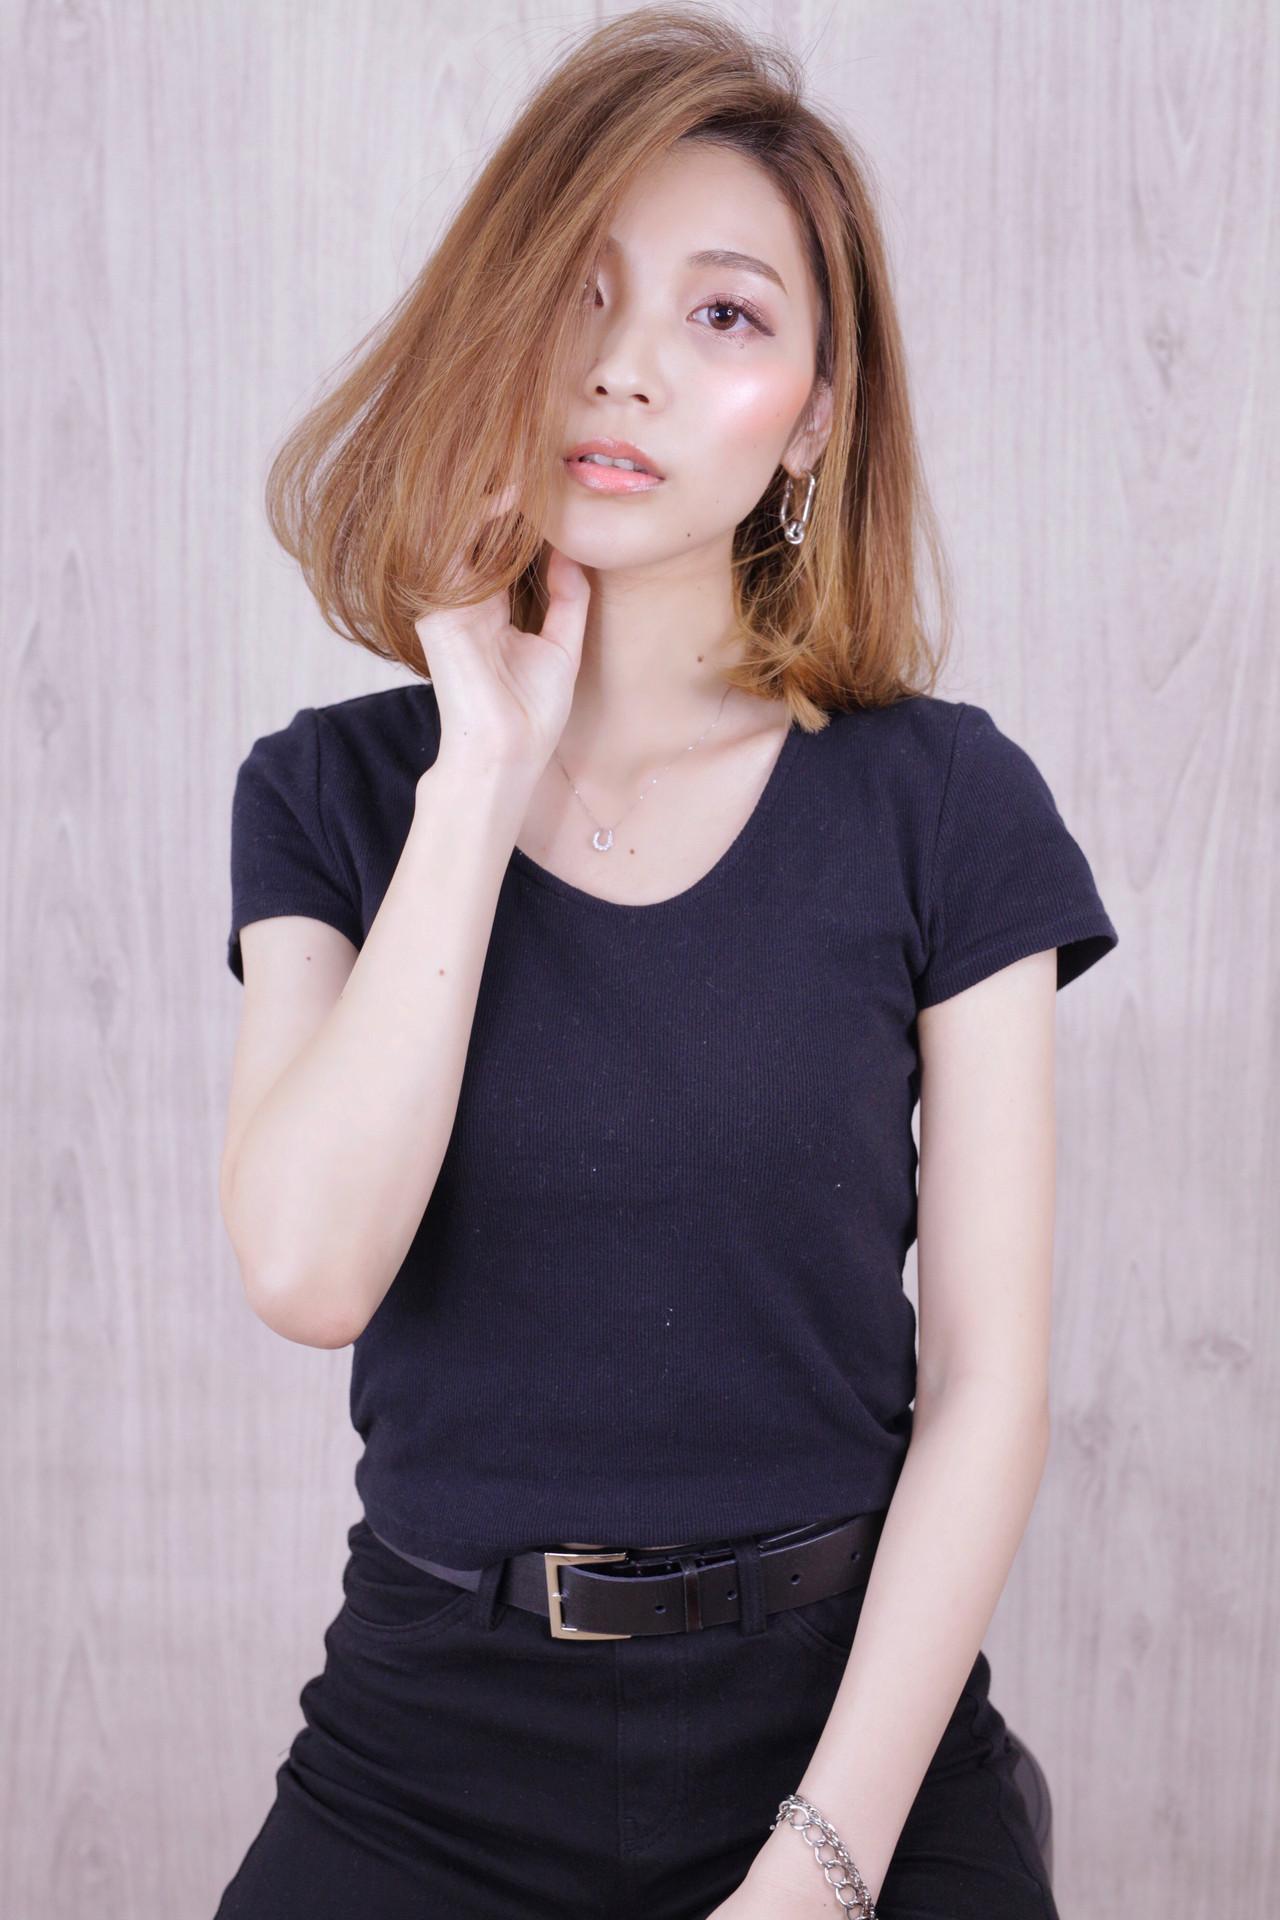 ミディアム ナチュラル アンニュイほつれヘア ワンカールスタイリング ヘアスタイルや髪型の写真・画像